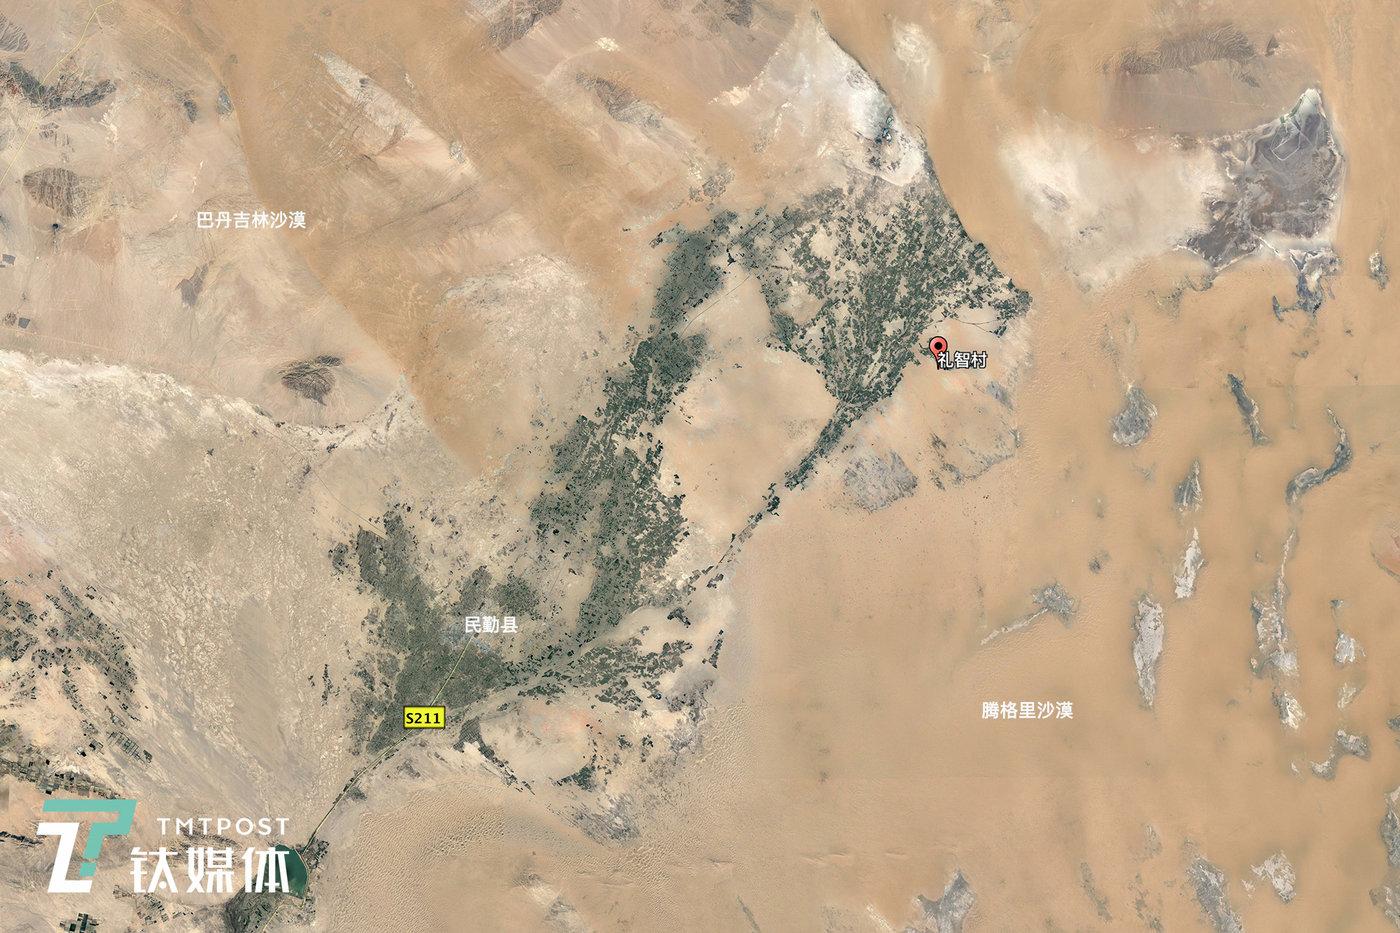 约1600平方公里的民勤绿洲(图/Google Earth/2017年7月12日),它长140公里,最宽处40公里,最窄处仅剩一条路。这片绿洲是阻挡巴丹吉林和腾格里两大沙漠合拢的最后屏障。